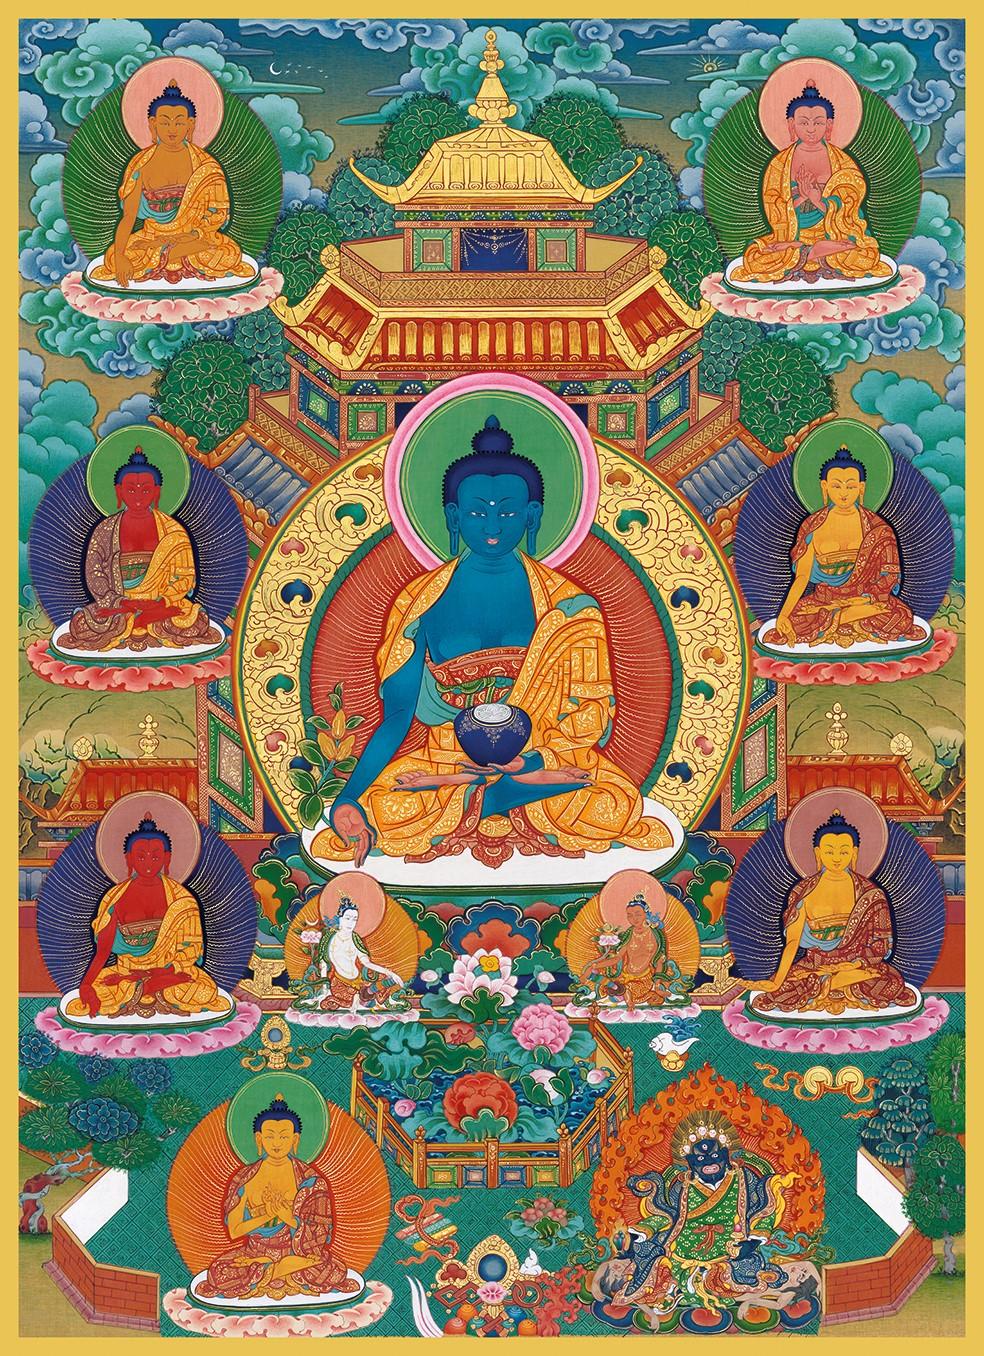 Au milieu des années 1990, il commença l'apprentissage d'une méthode de Thangkas différente auprès de lamas bouddhistes en Inde, en Mongolie et au Népal. Sangye Yeshe, l'artiste personnel du Dalaï-Lama, est devenu le maître spirituel de Dudko.